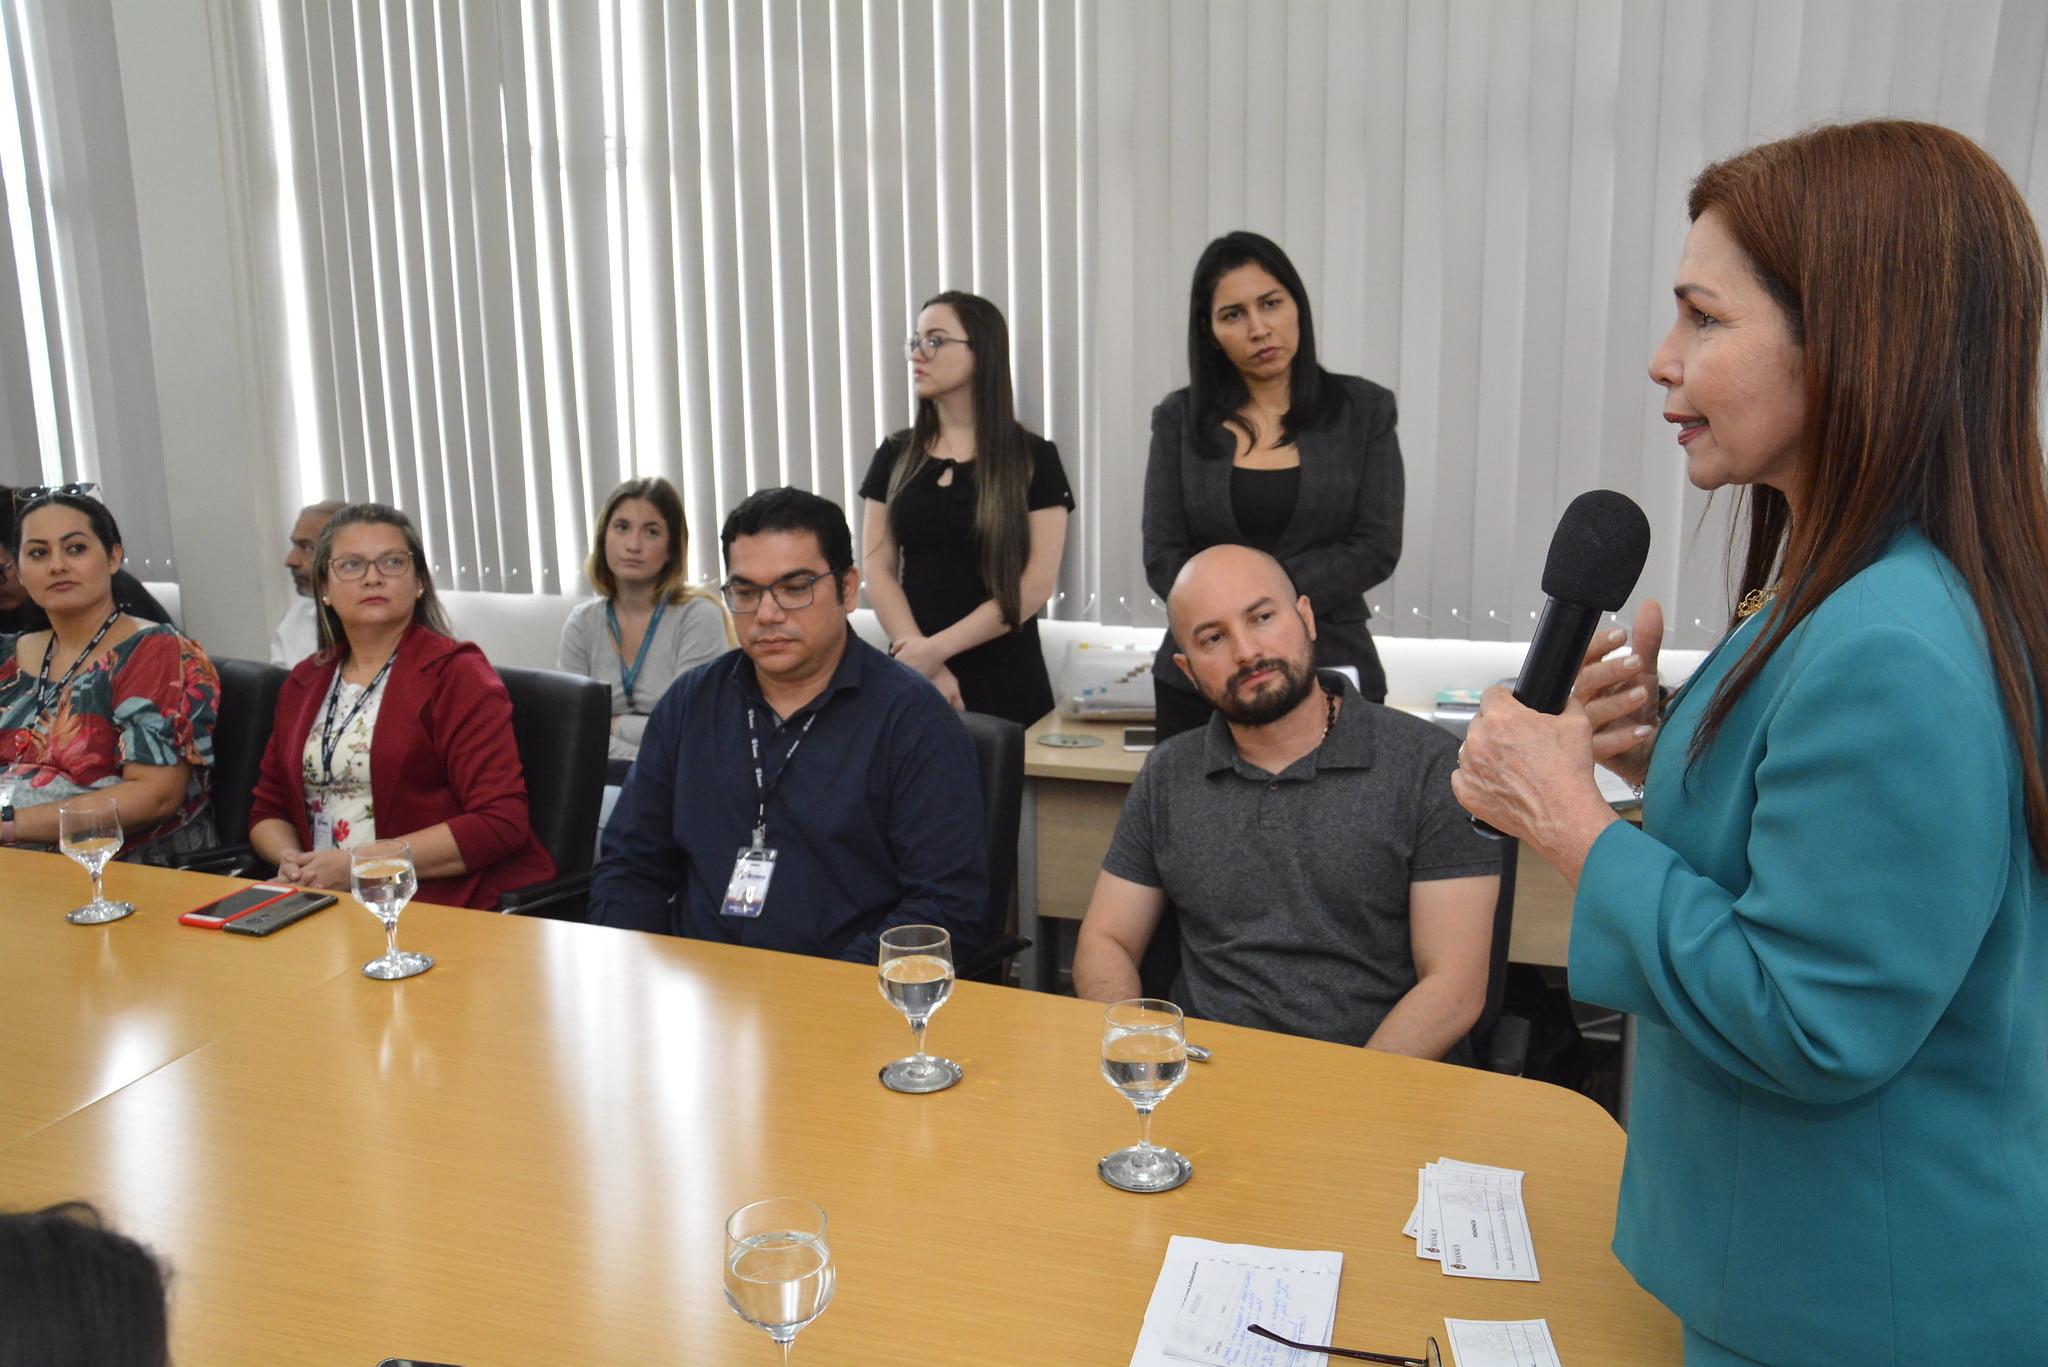 Prefeitura lança edital com 440 vagas em cursos profissionalizantes gratuitos